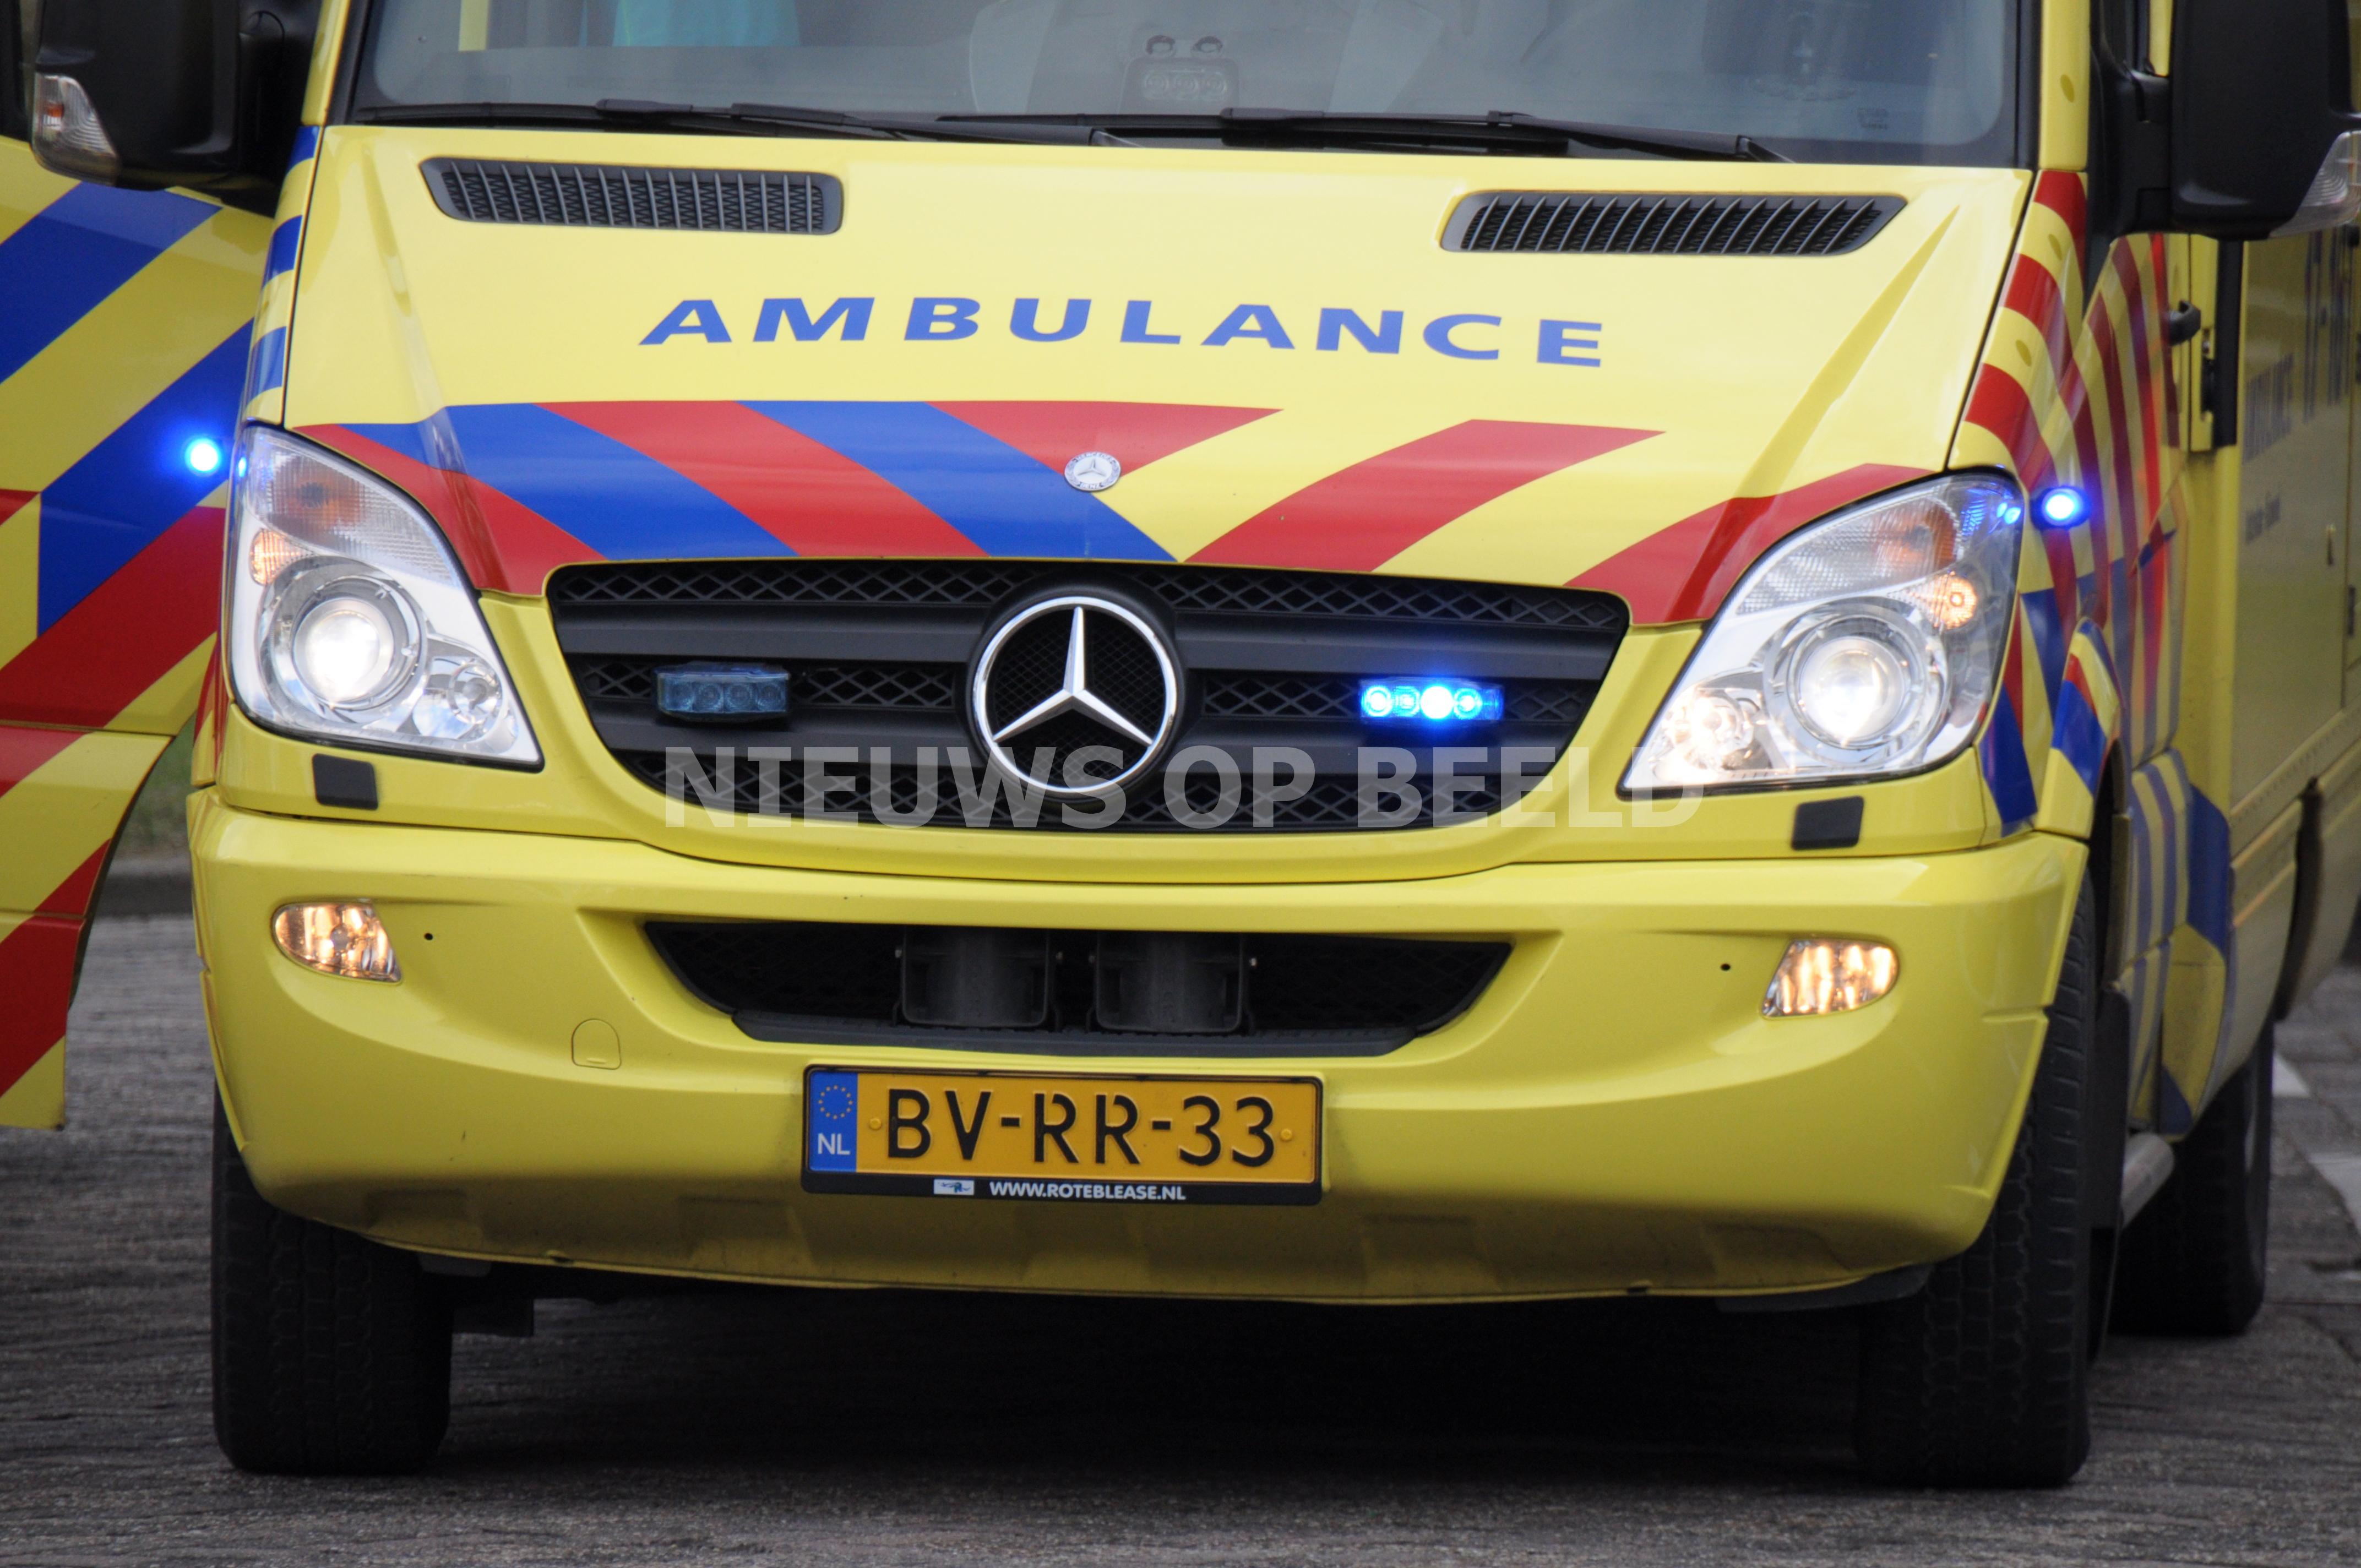 Wederom een dode bij schietpartij Leerdamhof Amsterdam-Zuidoost